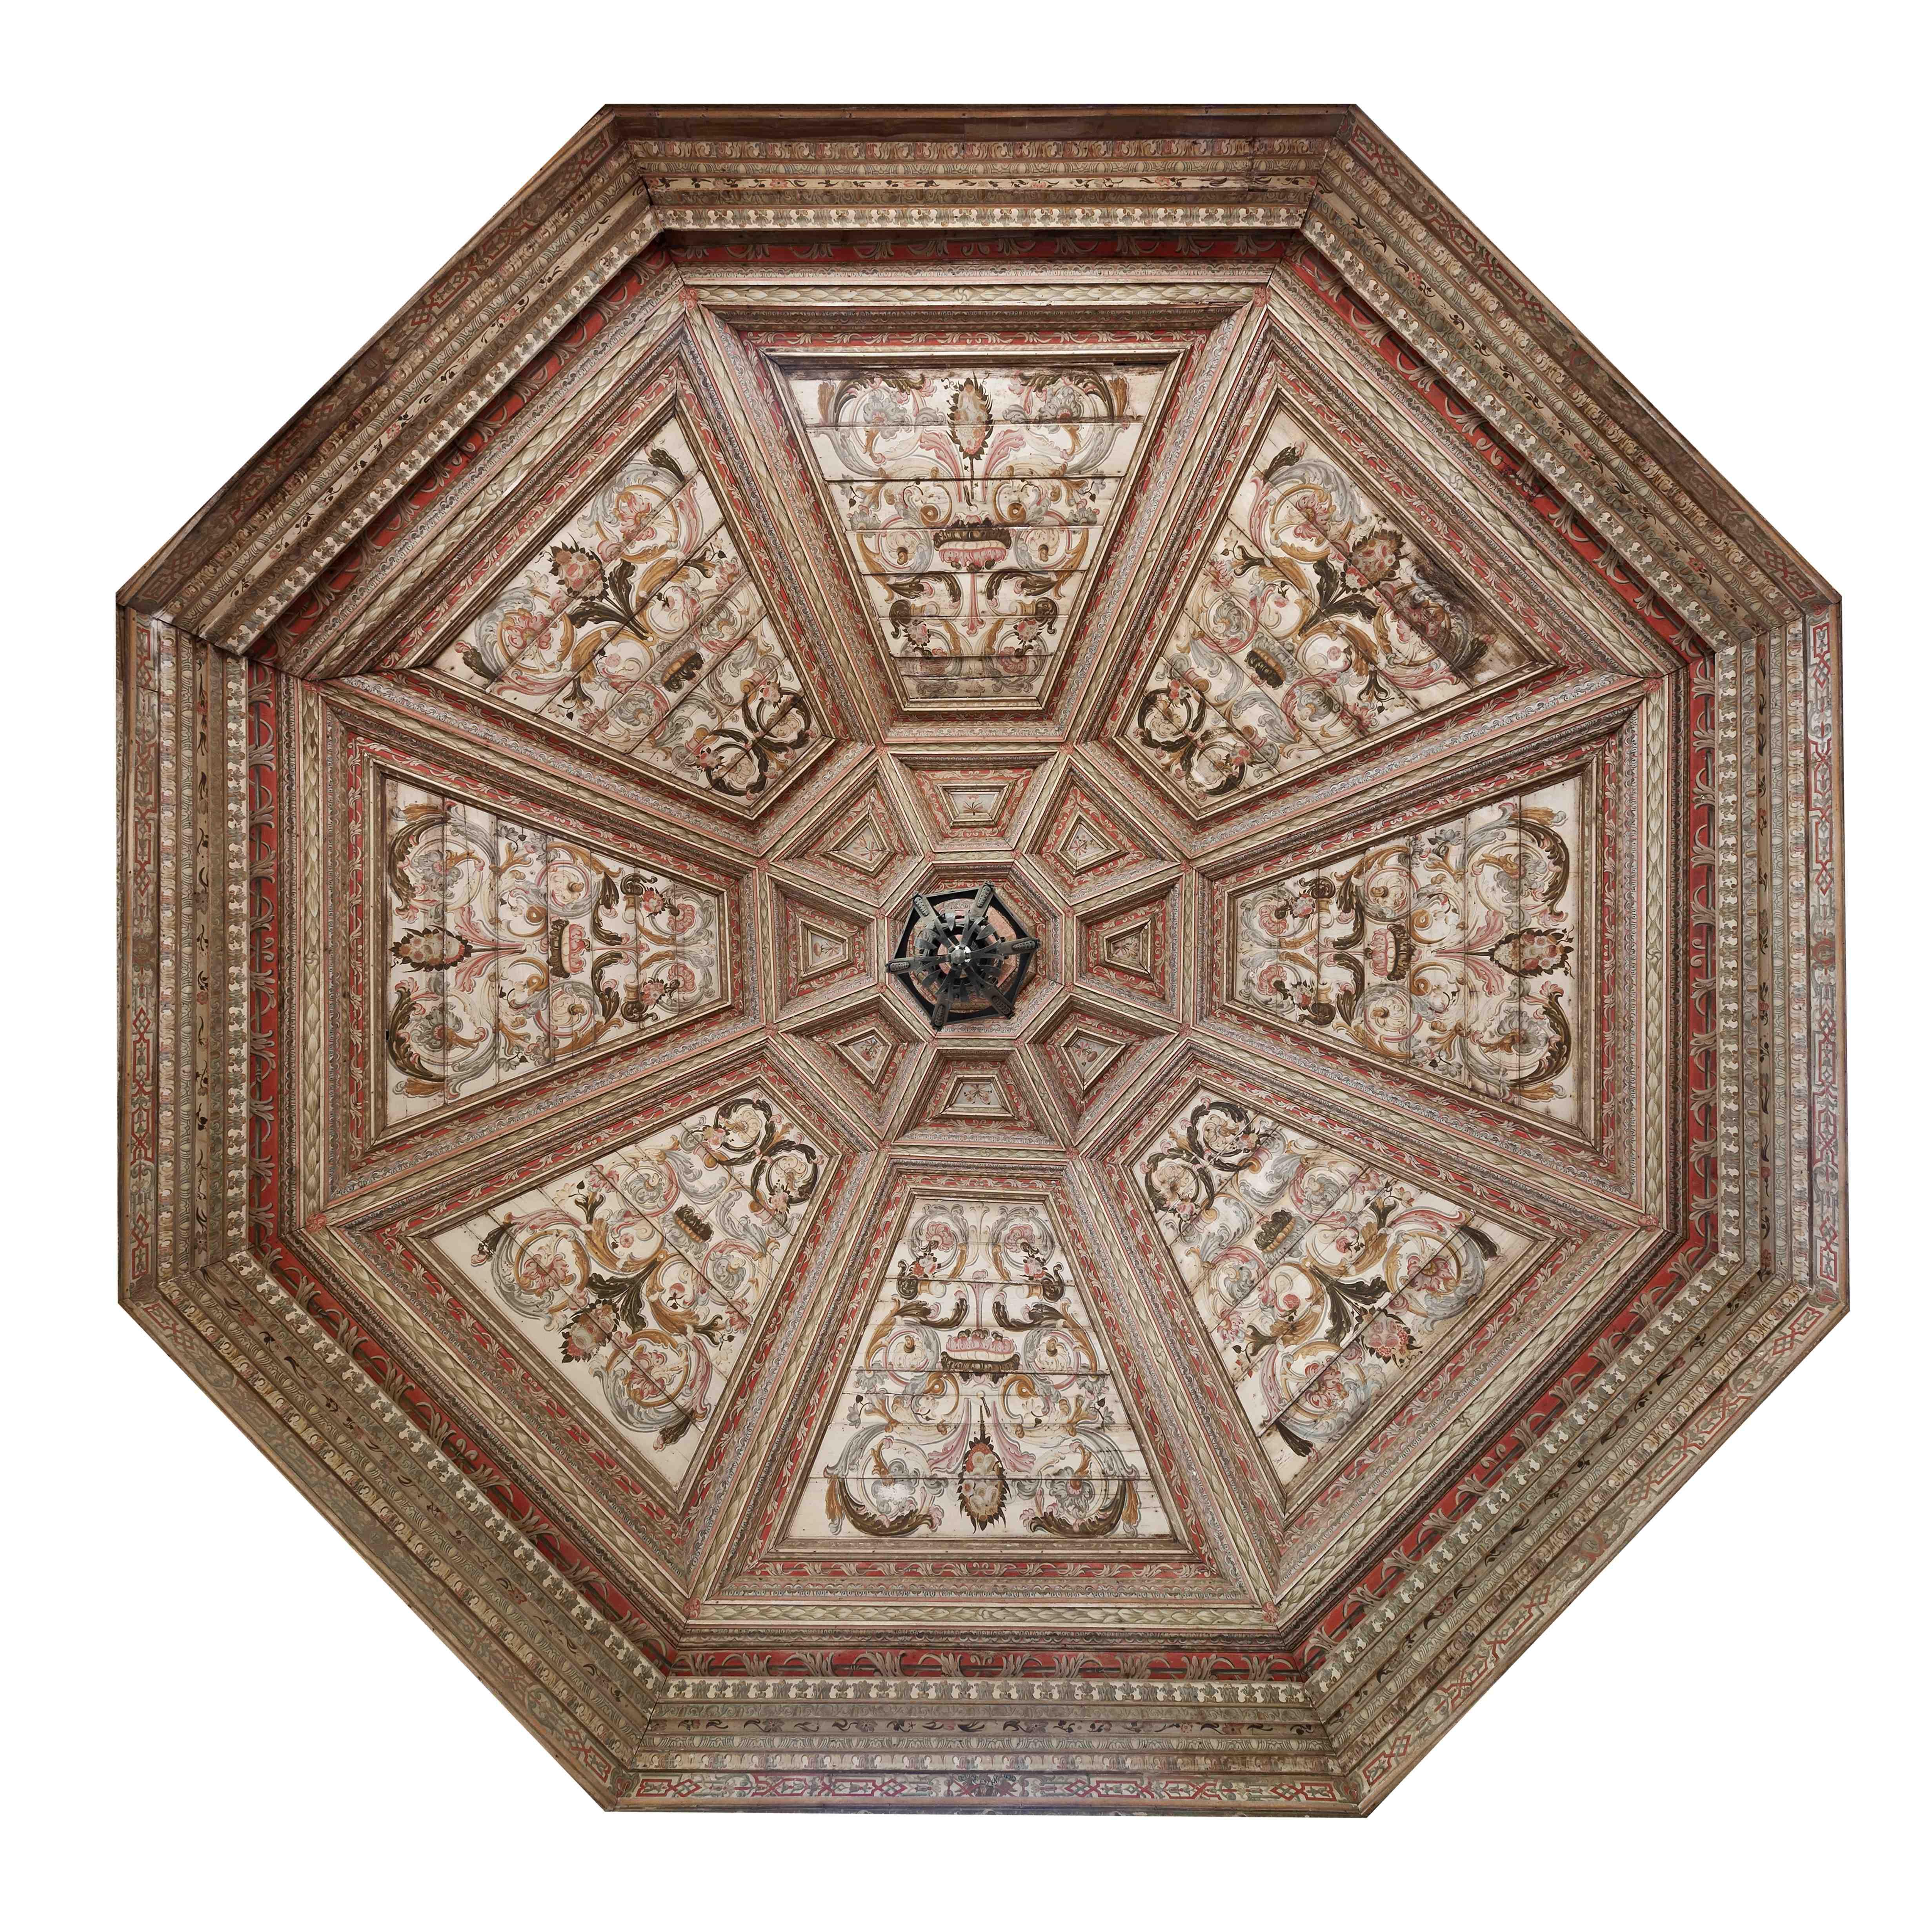 Ceiling Room of Bela Vista